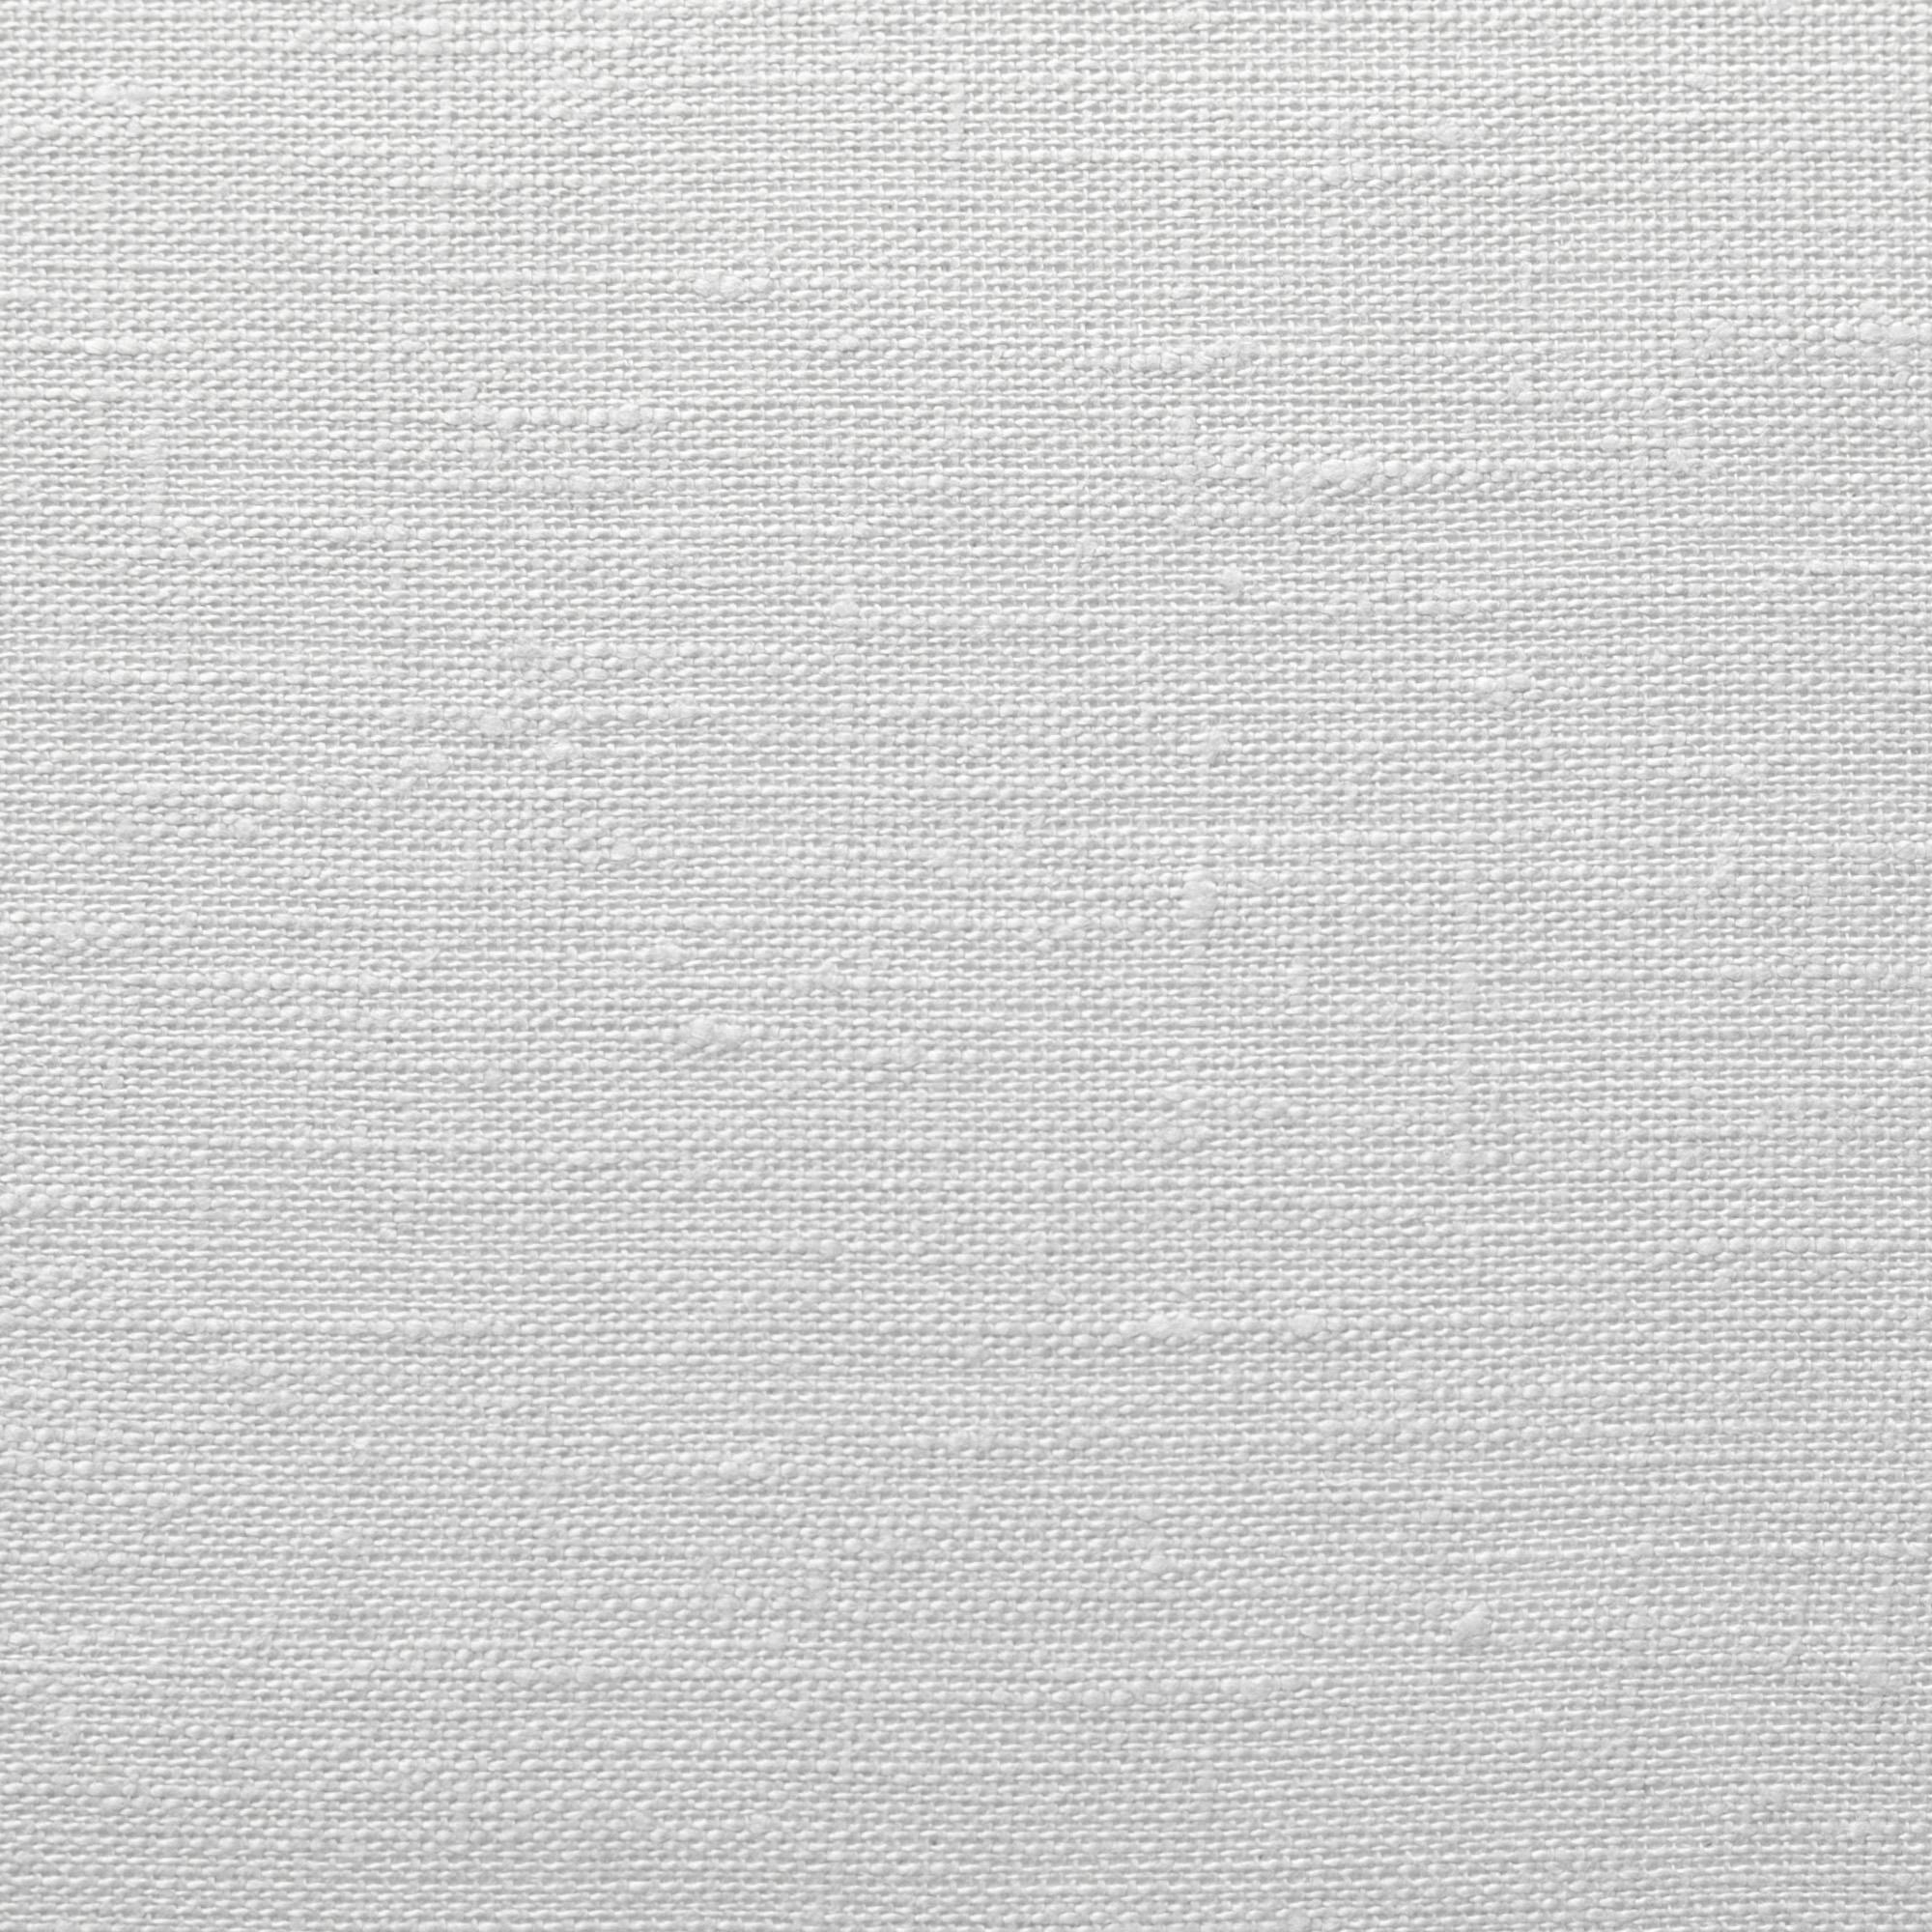 01. Pastel White